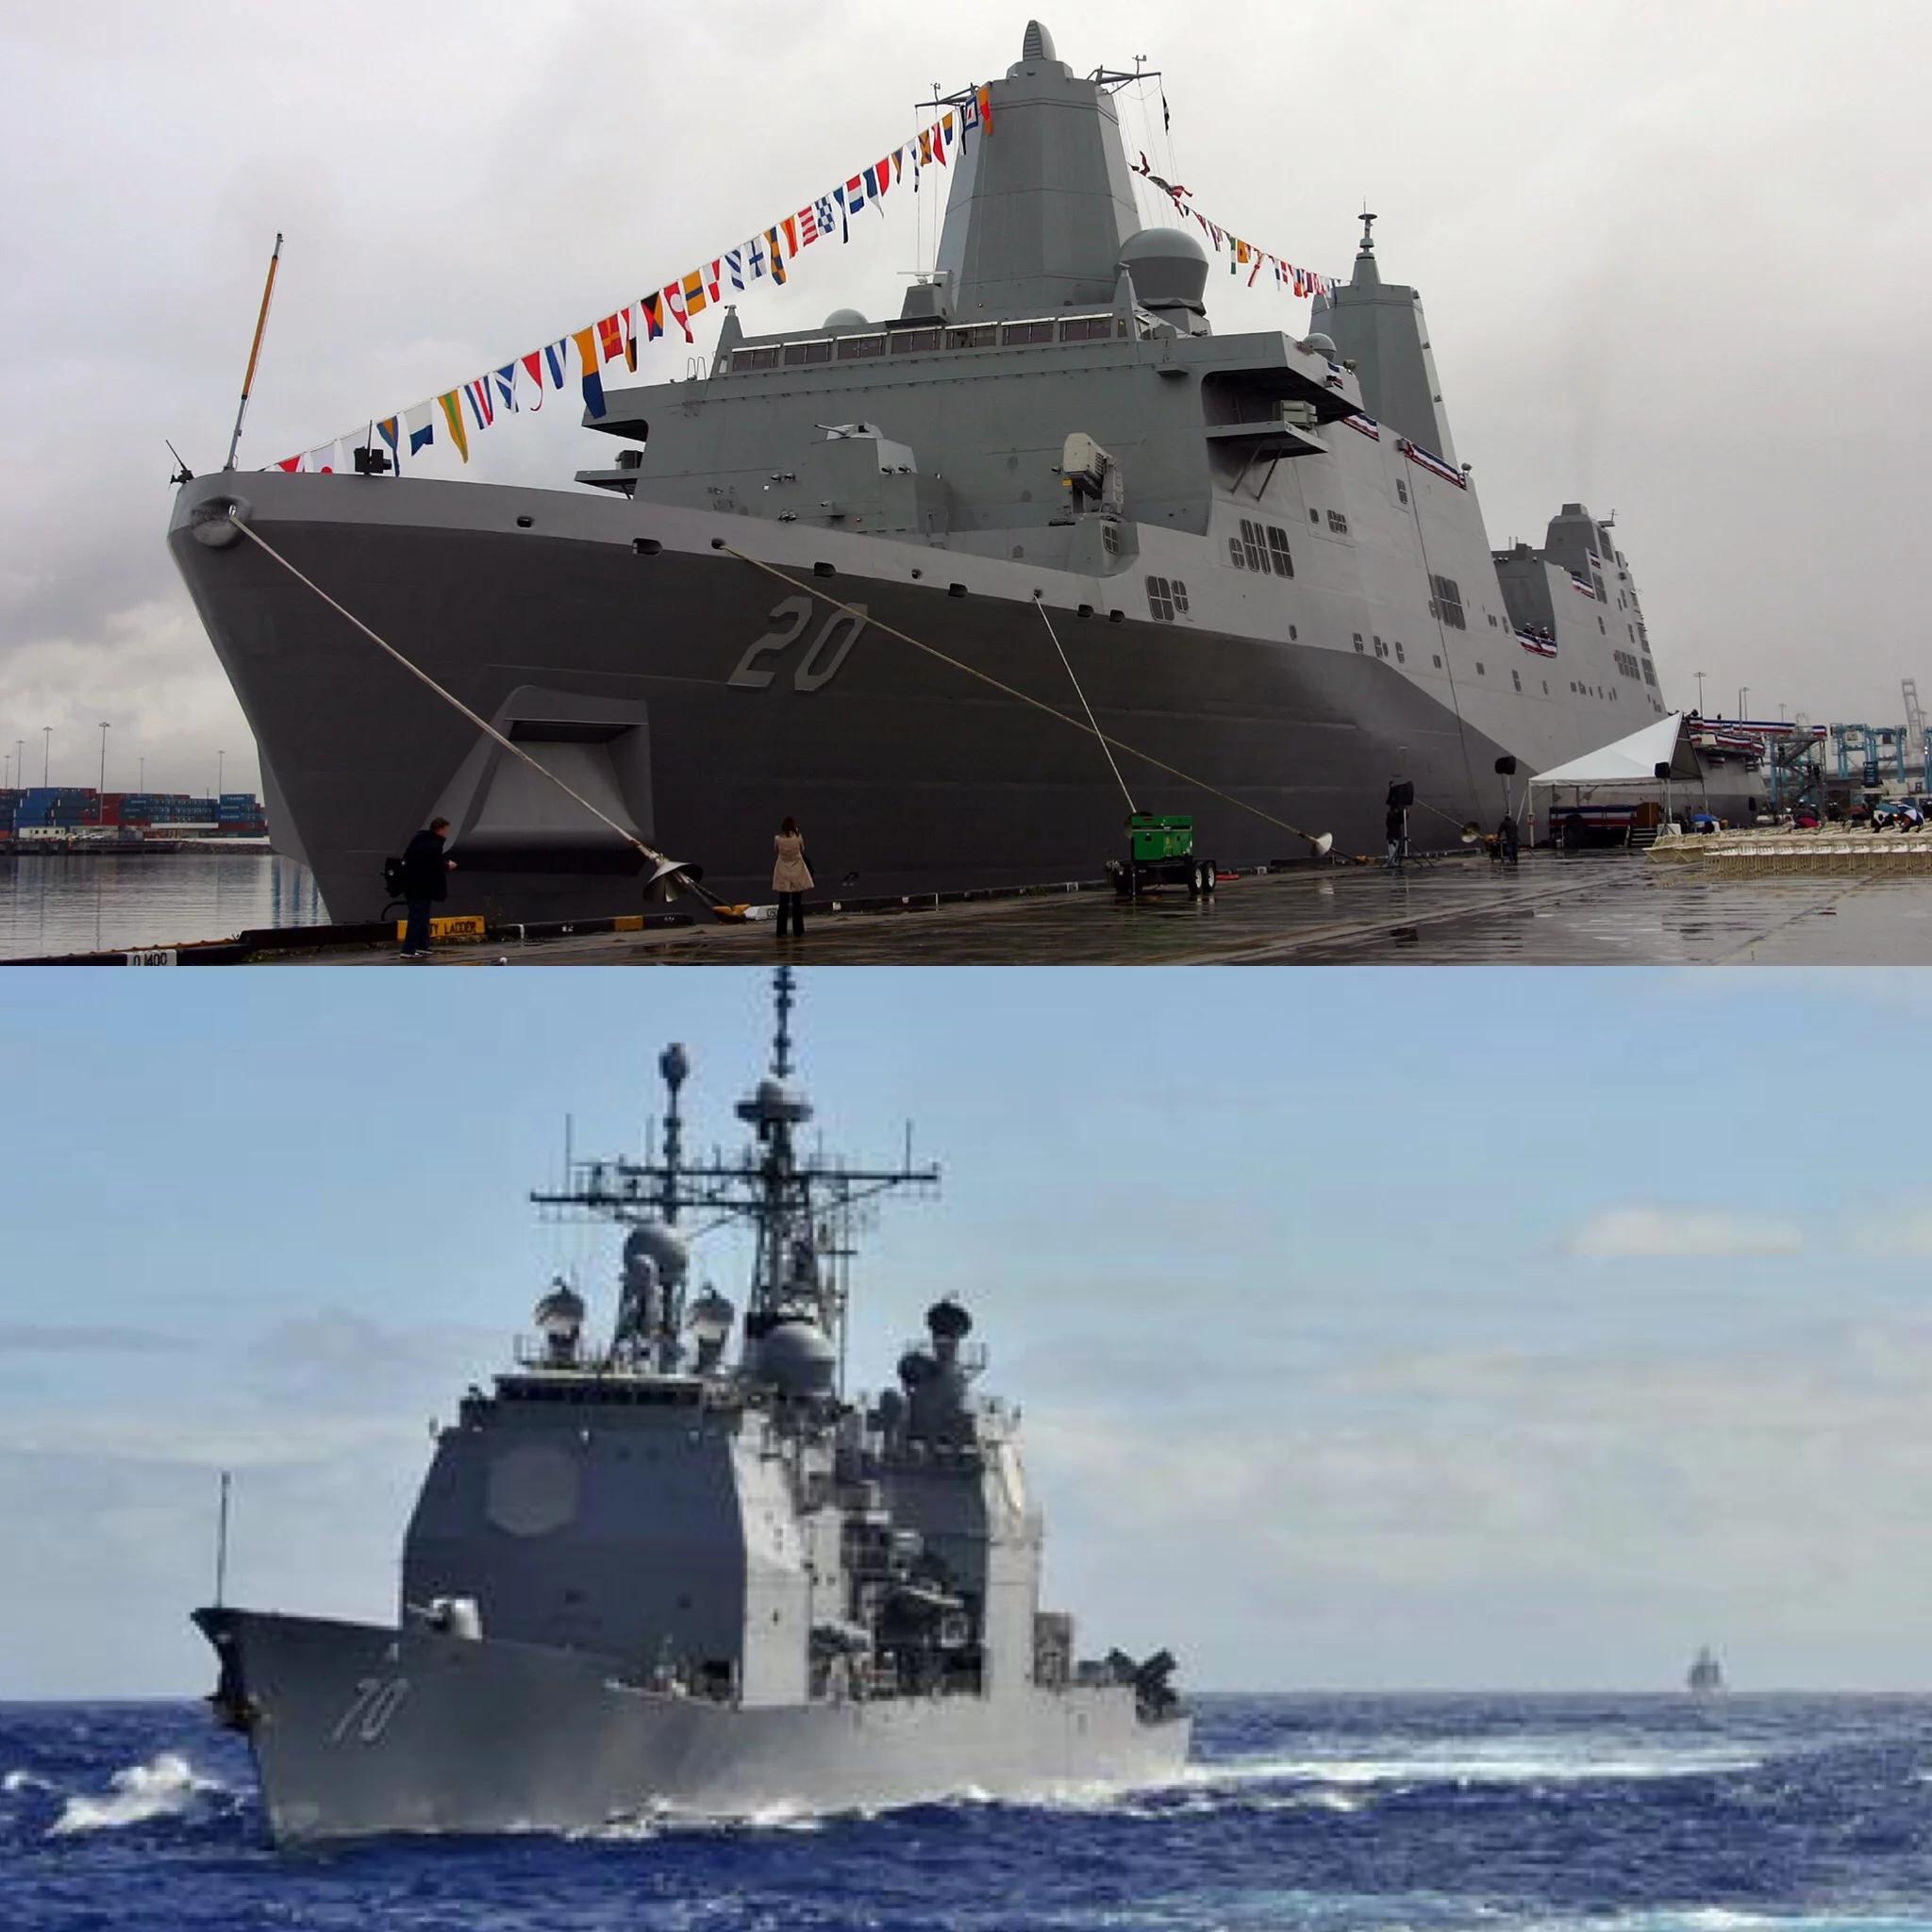 两艘美舰访港被拒